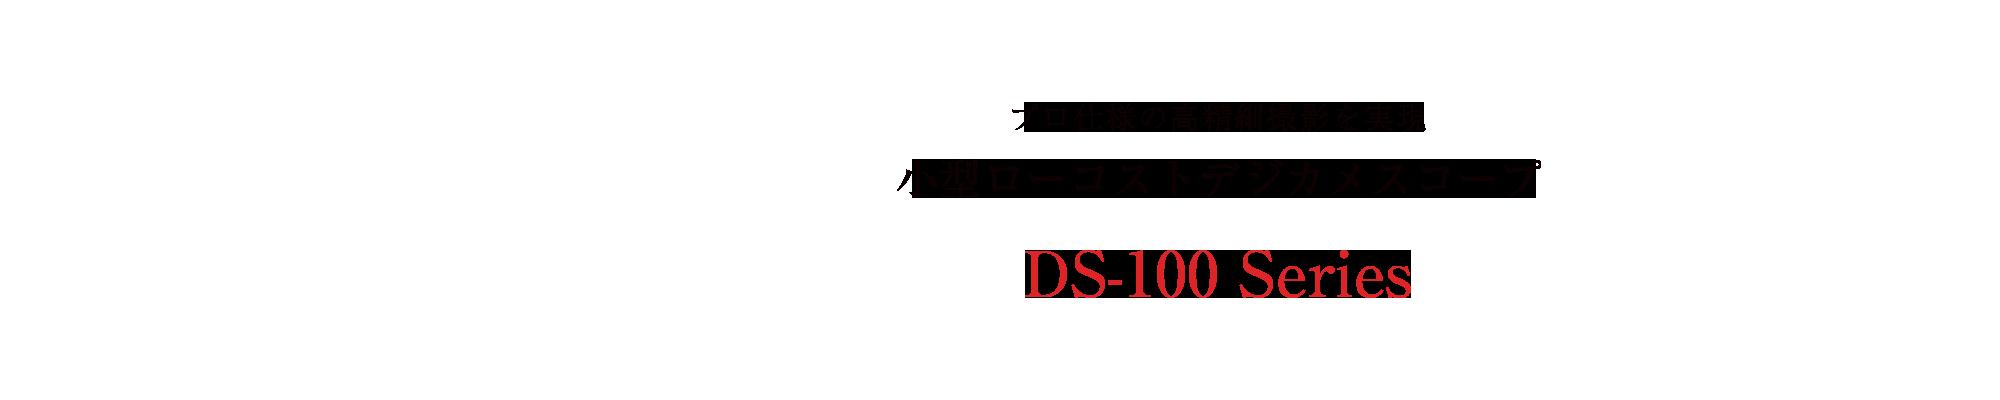 小型ローコストデジカメスコープ DS-100シリーズ